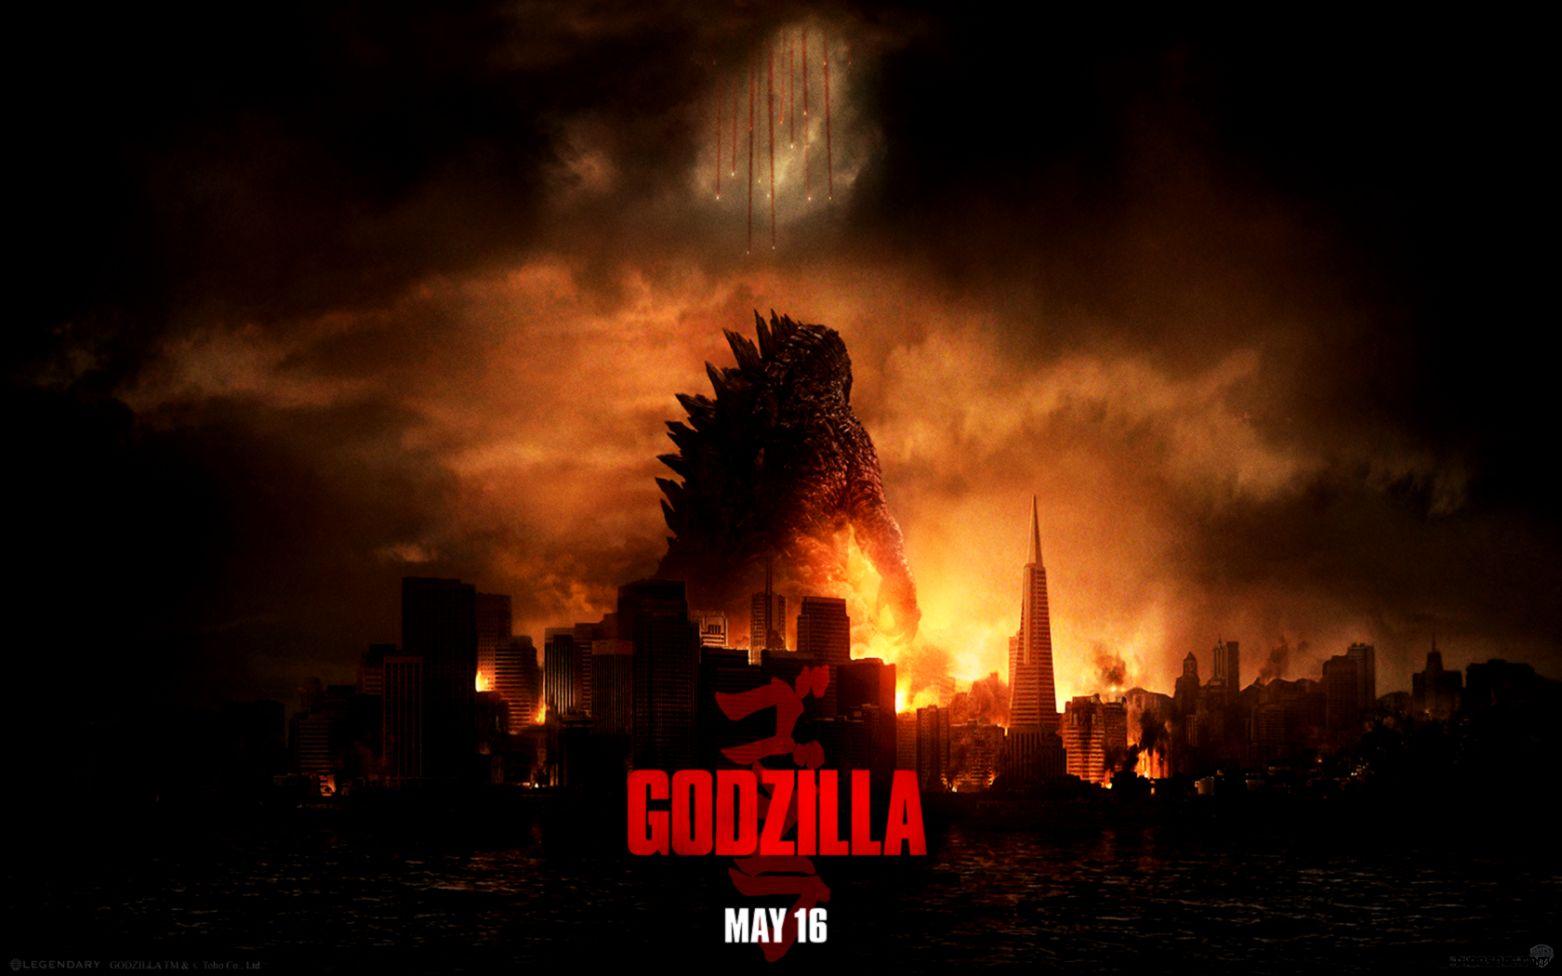 Official Godzilla 2014 HD Wallpaper   Godzilla 2014 Posters Image